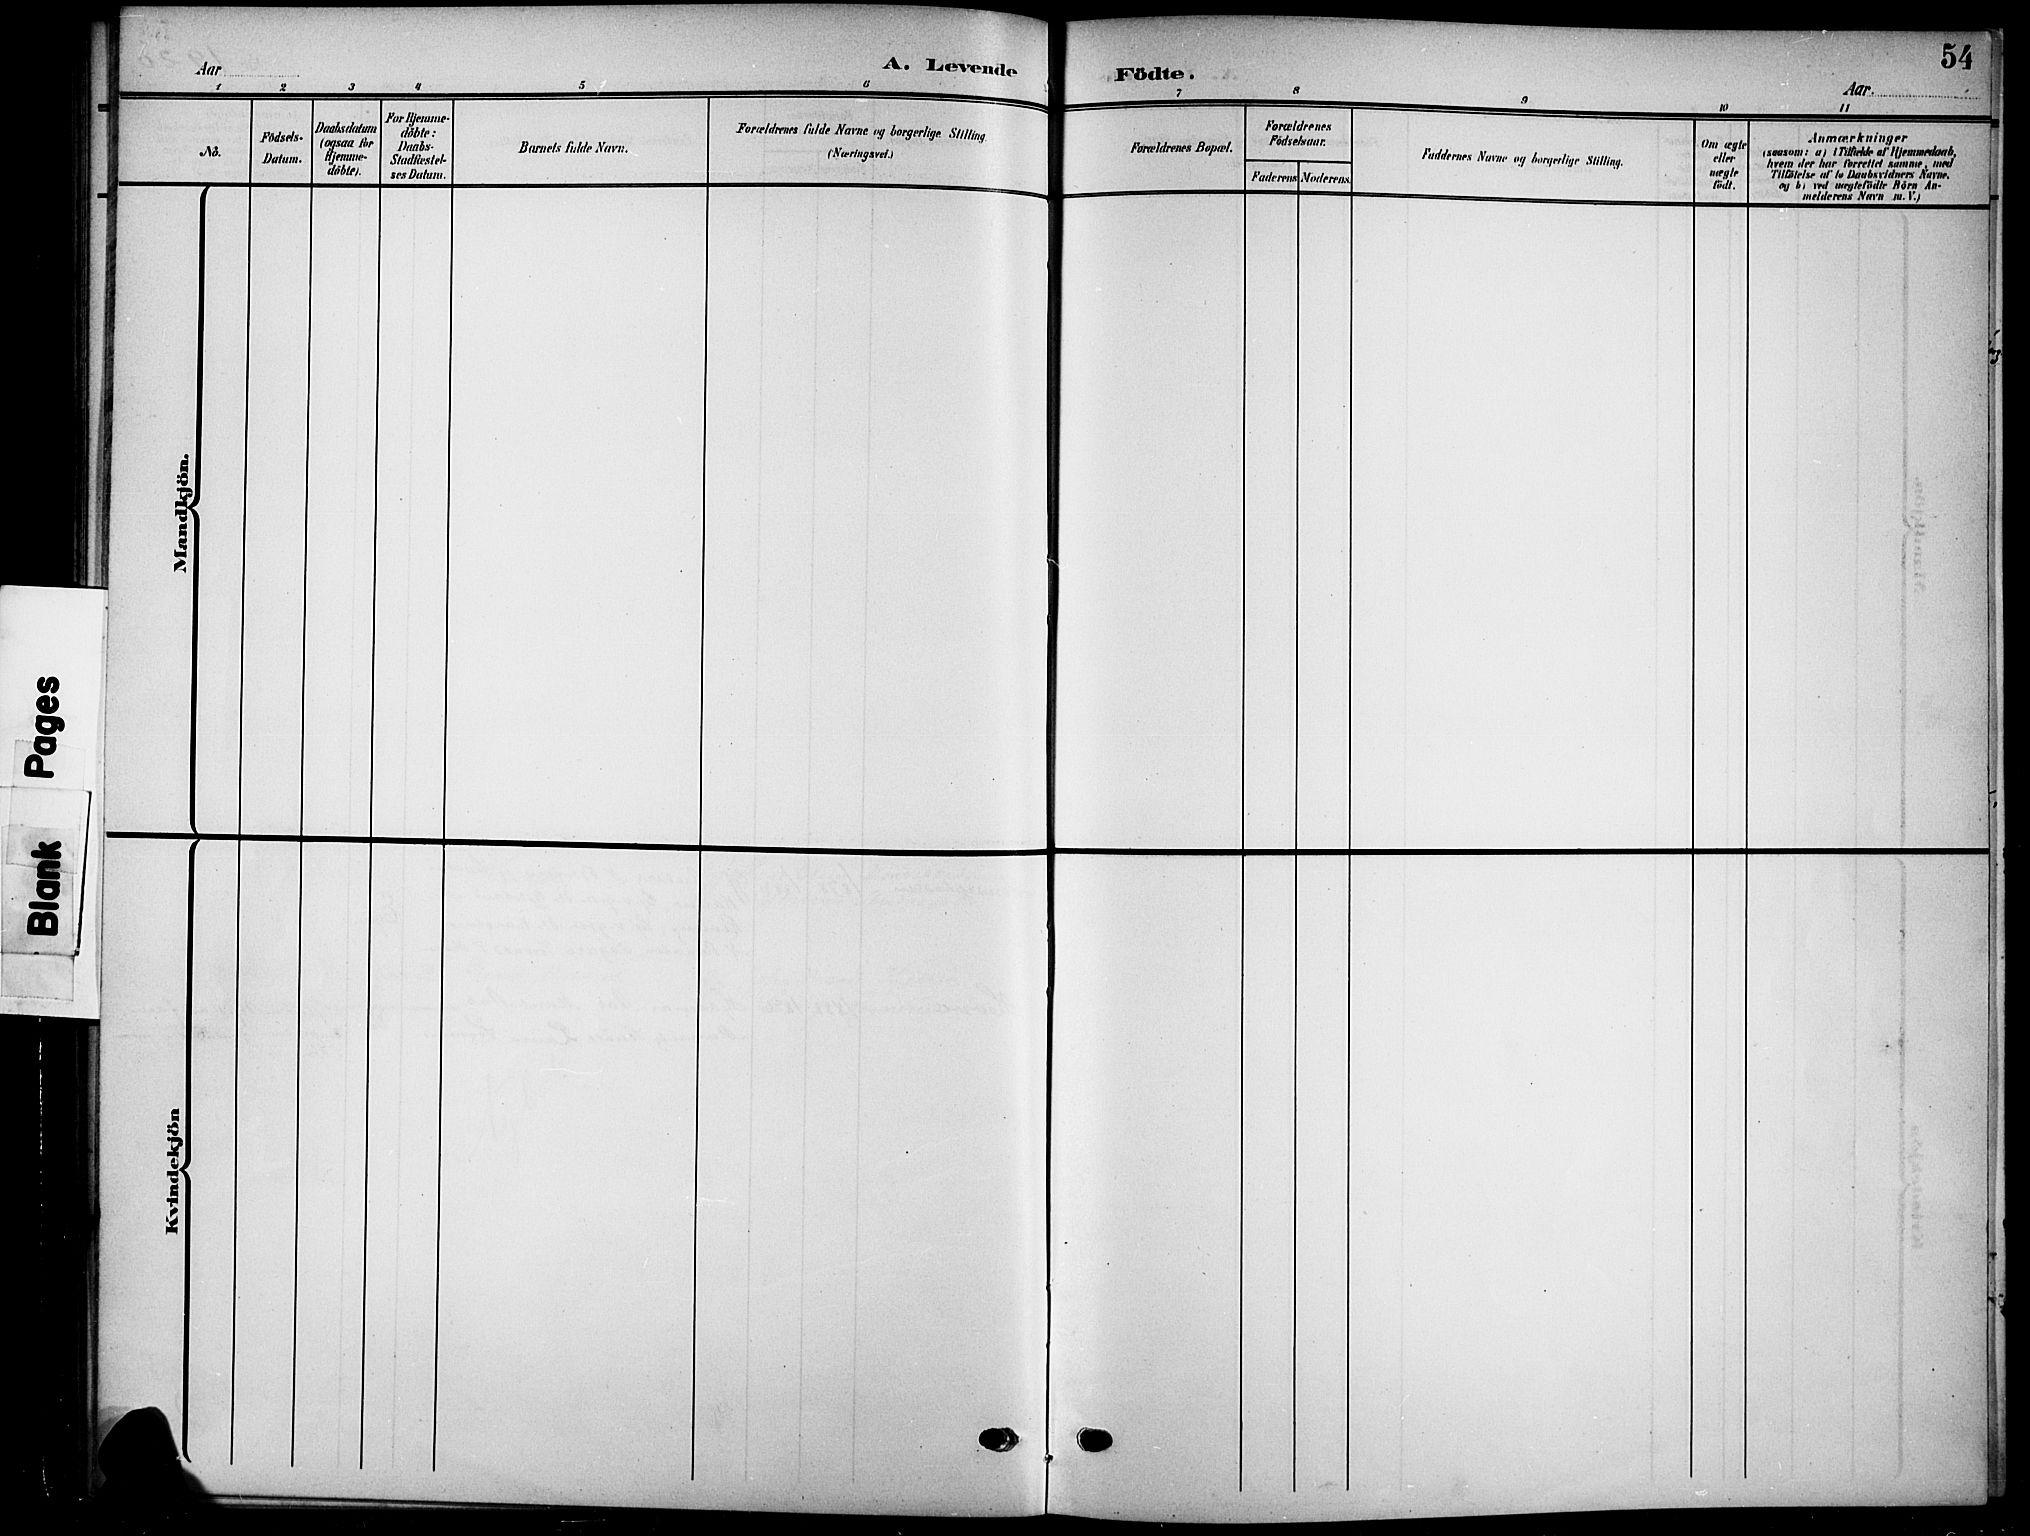 SAH, Nord-Aurdal prestekontor, Klokkerbok nr. 12, 1907-1920, s. 54